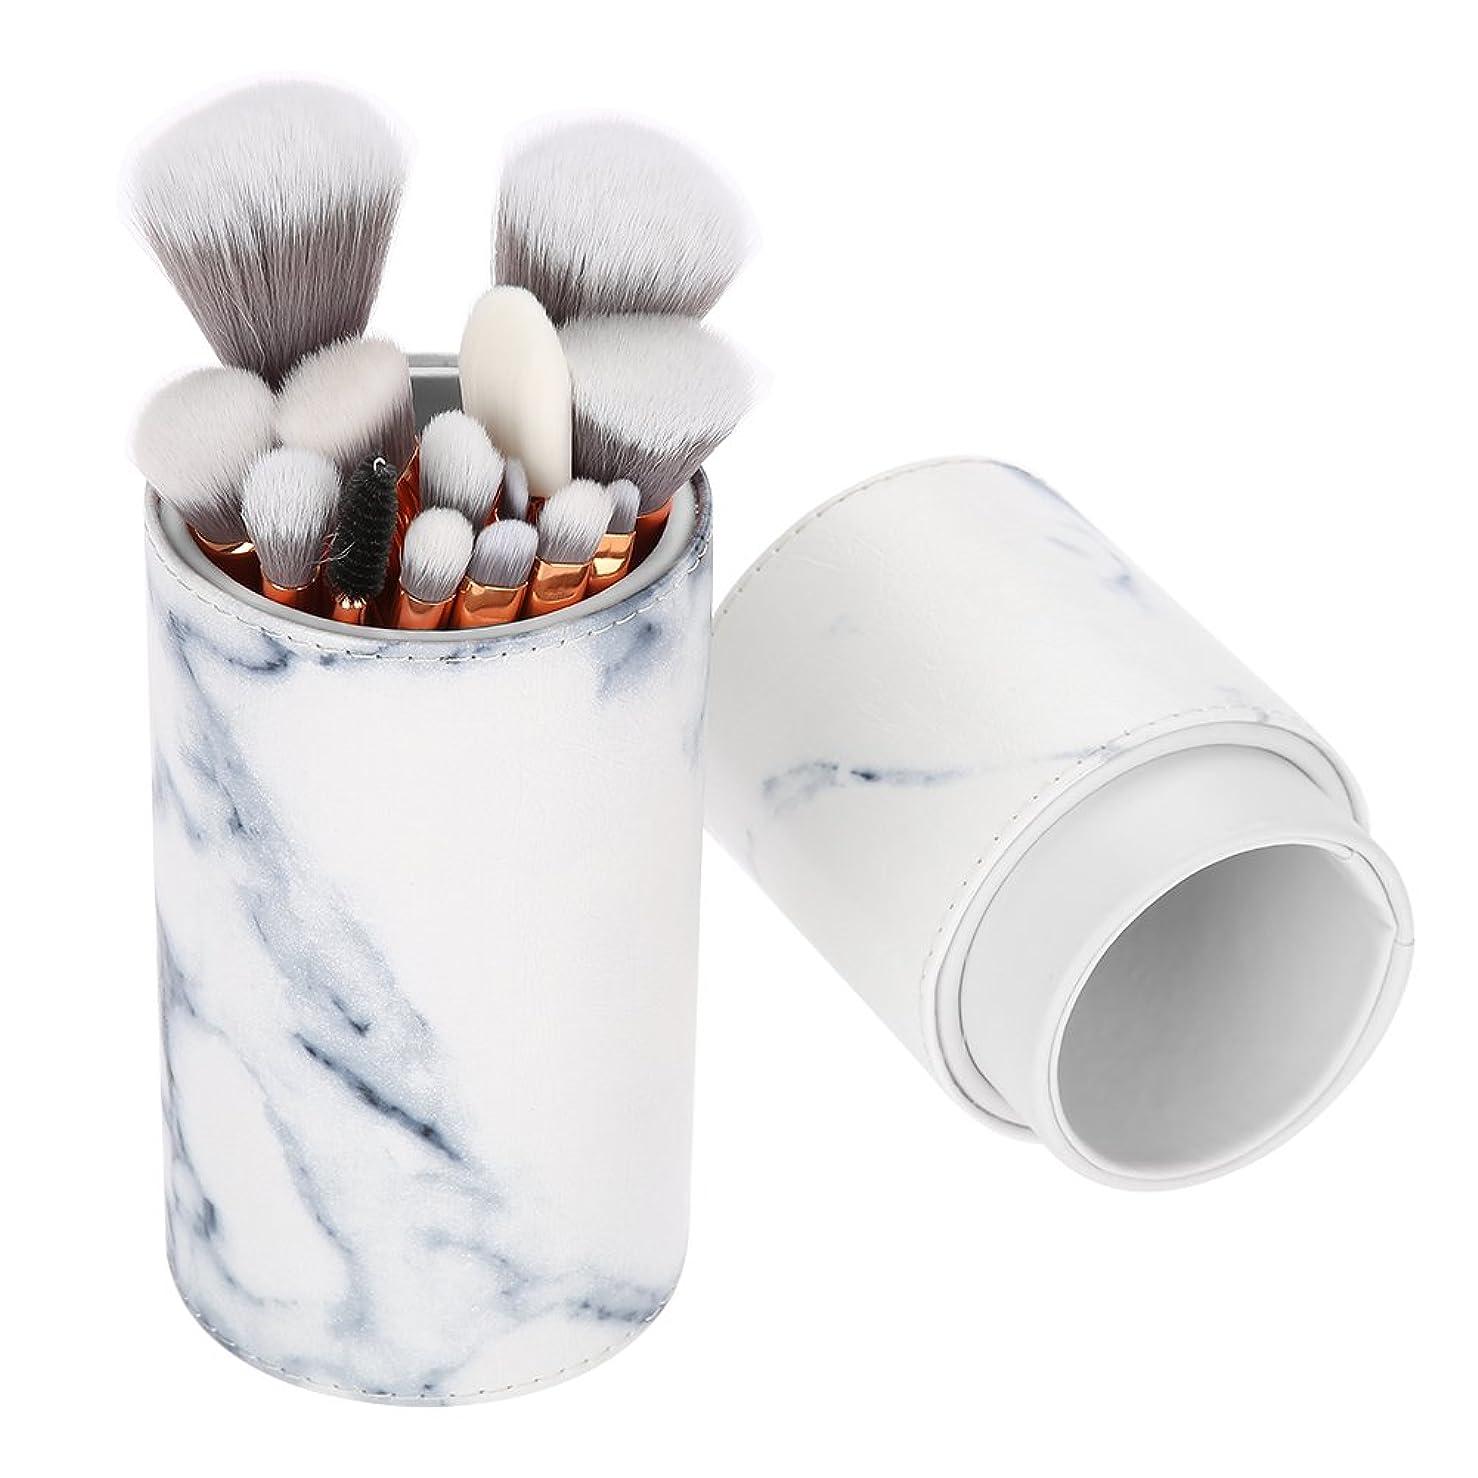 転用葉っぱファブリック15本 メイクブラシ、大理石柄化粧筆 粉、フェイスブラシ 化粧品ブラシ 大理石の模様 高級繊維毛 アイブラシセット 収納ボックス